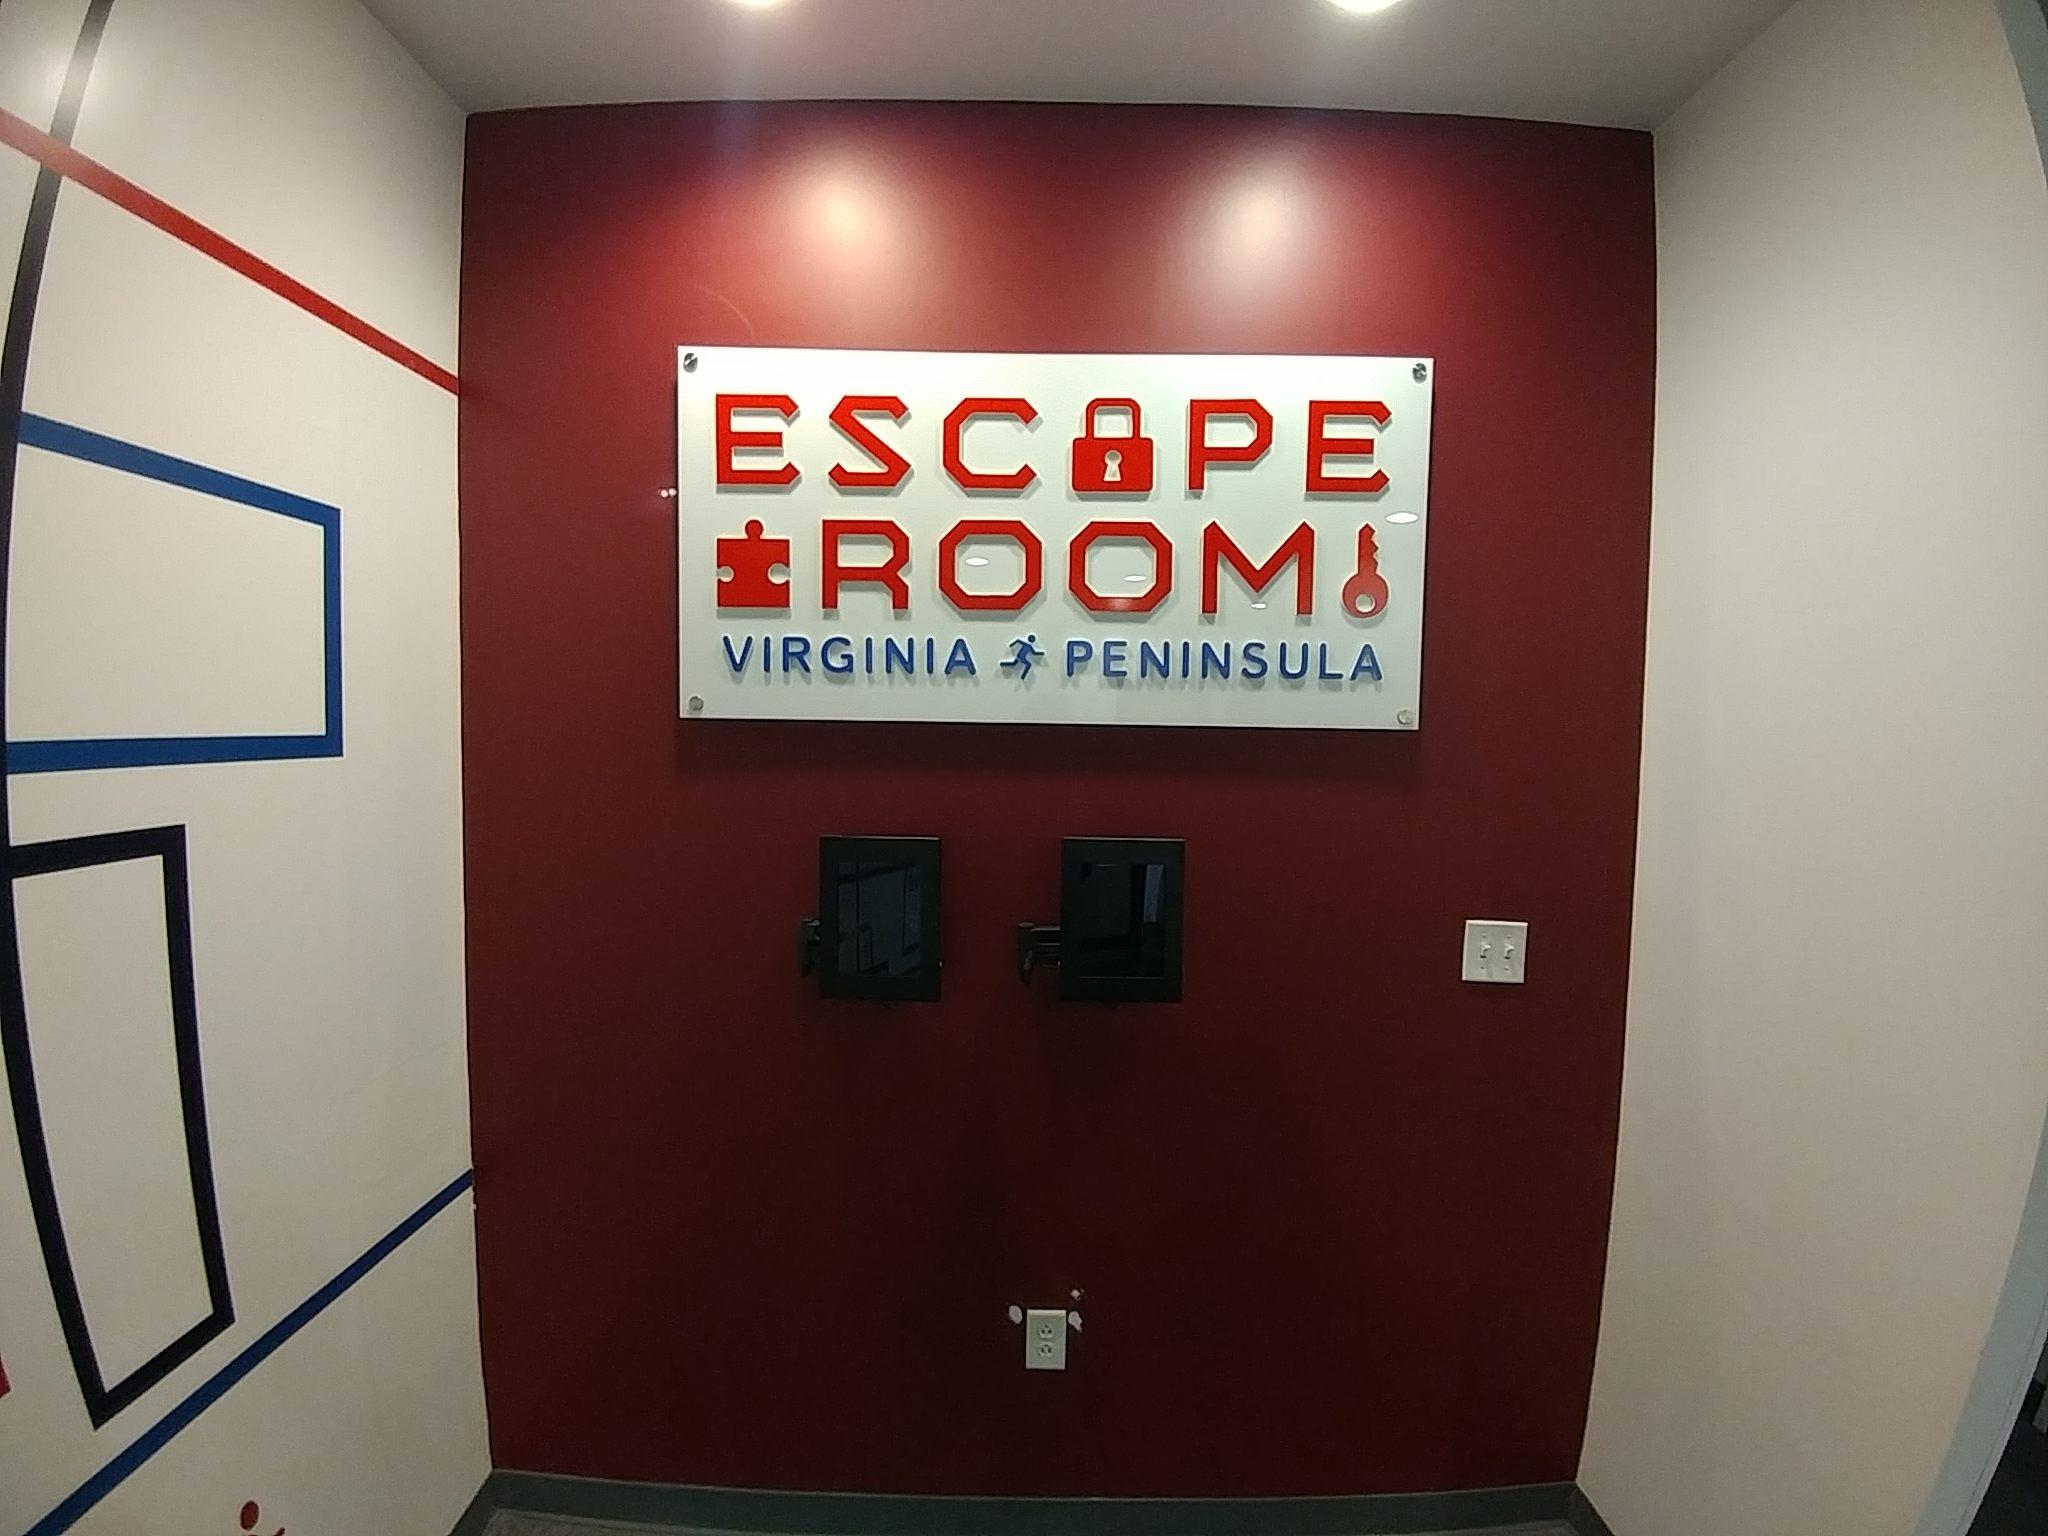 Escape Room sign